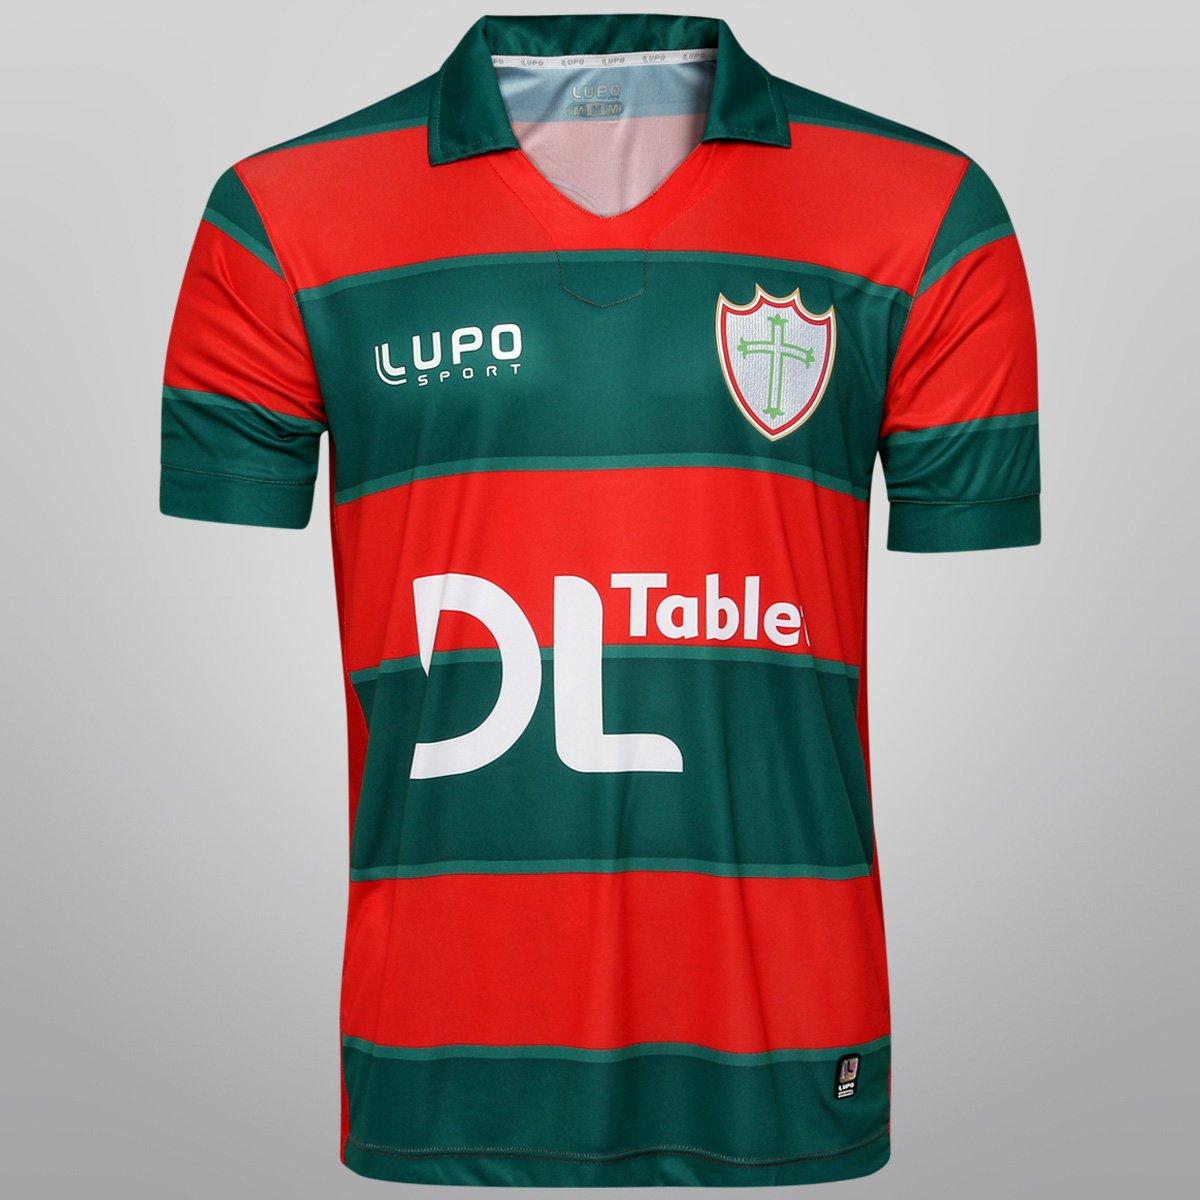 32e09122ea Camisa Lupo Portuguesa I 2014 n° 10 - Compre Agora